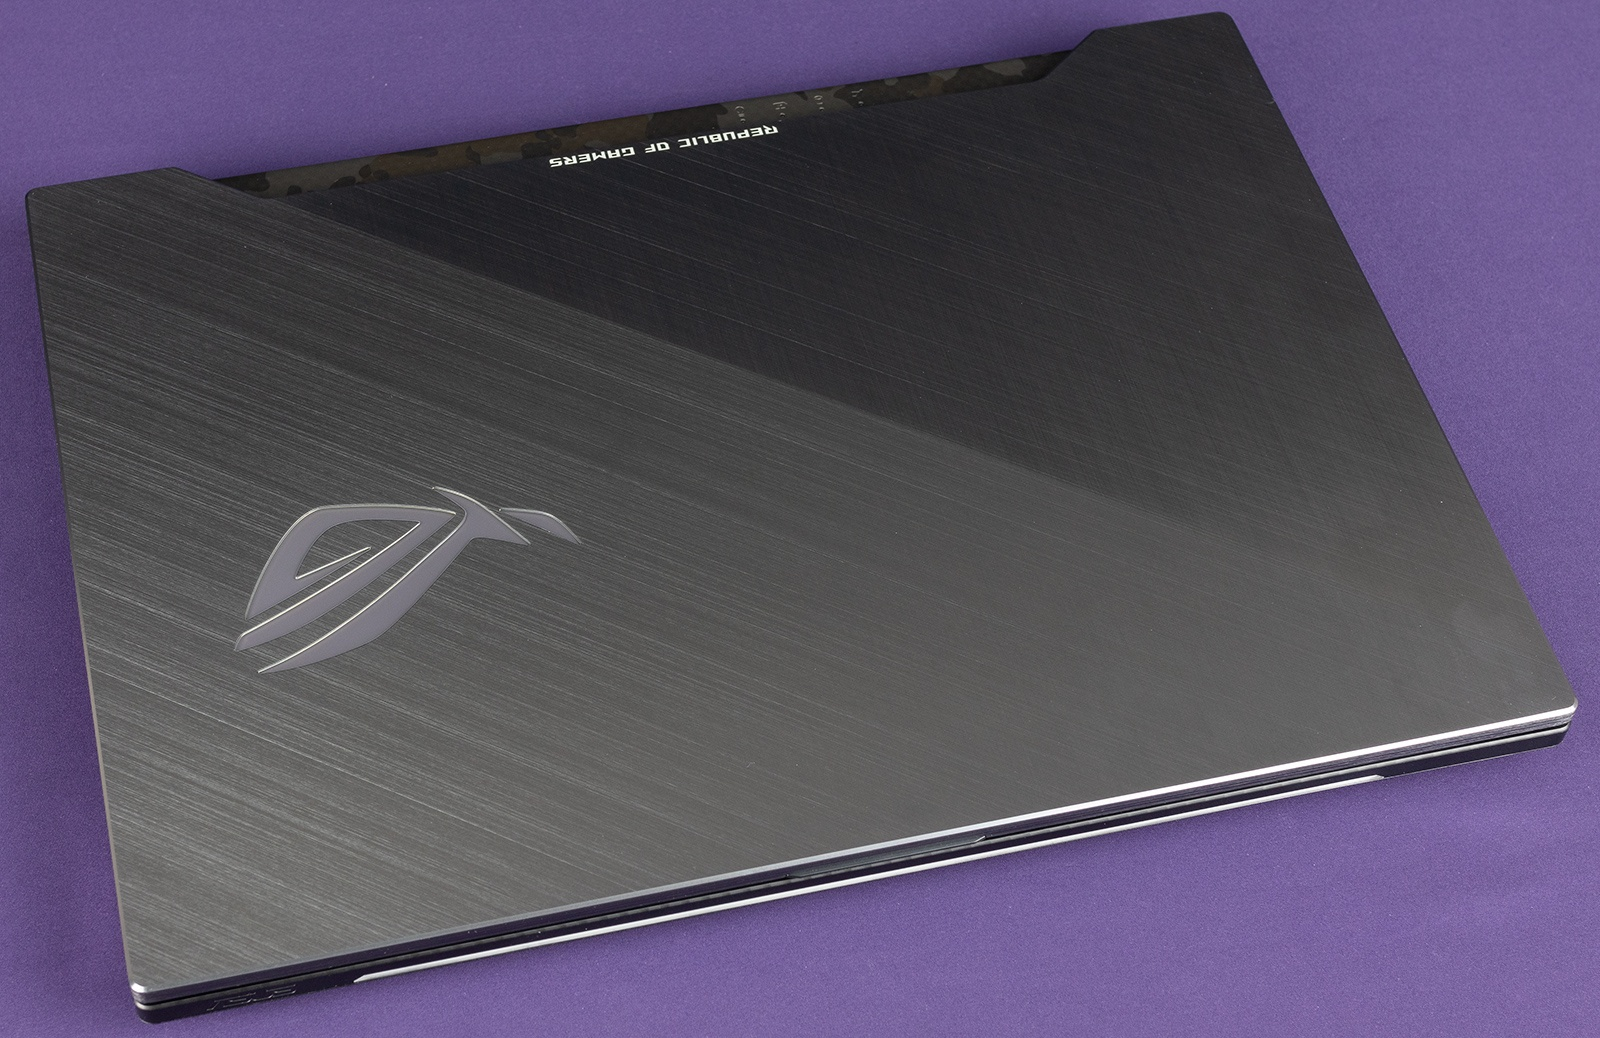 Обзор игровых ноутбуков ASUS ROG Strix GL504GS SCAR II и ASUS ROG Strix GL504GM HERO II - 16